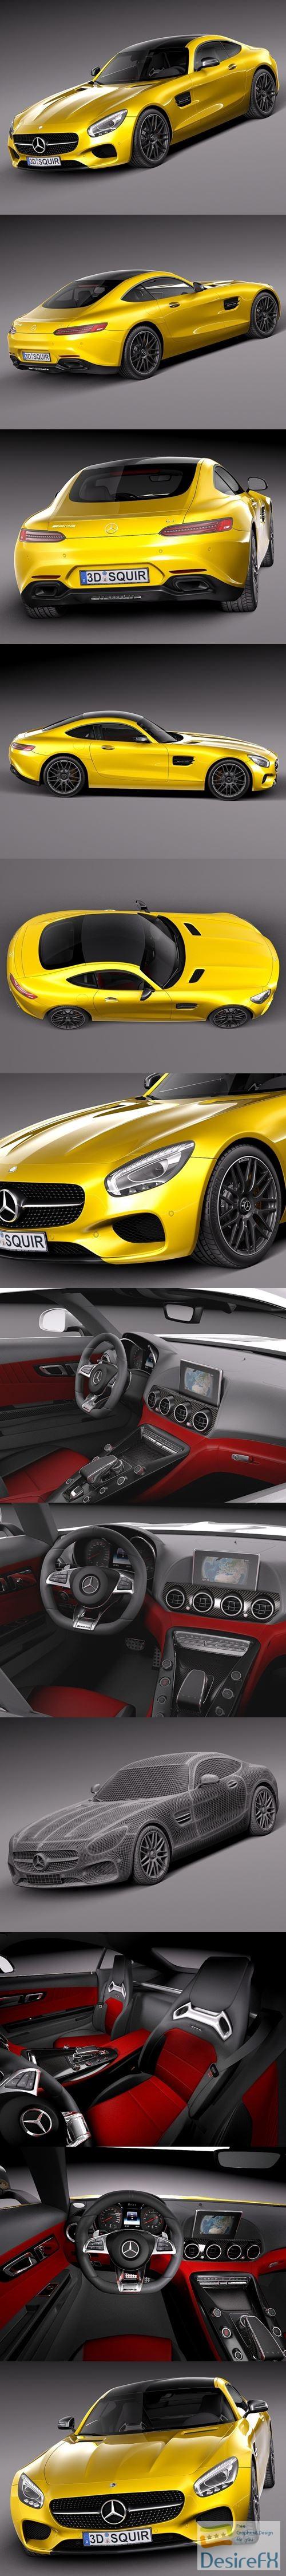 Mercedes-Benz AMG GT S 2016 3D Model